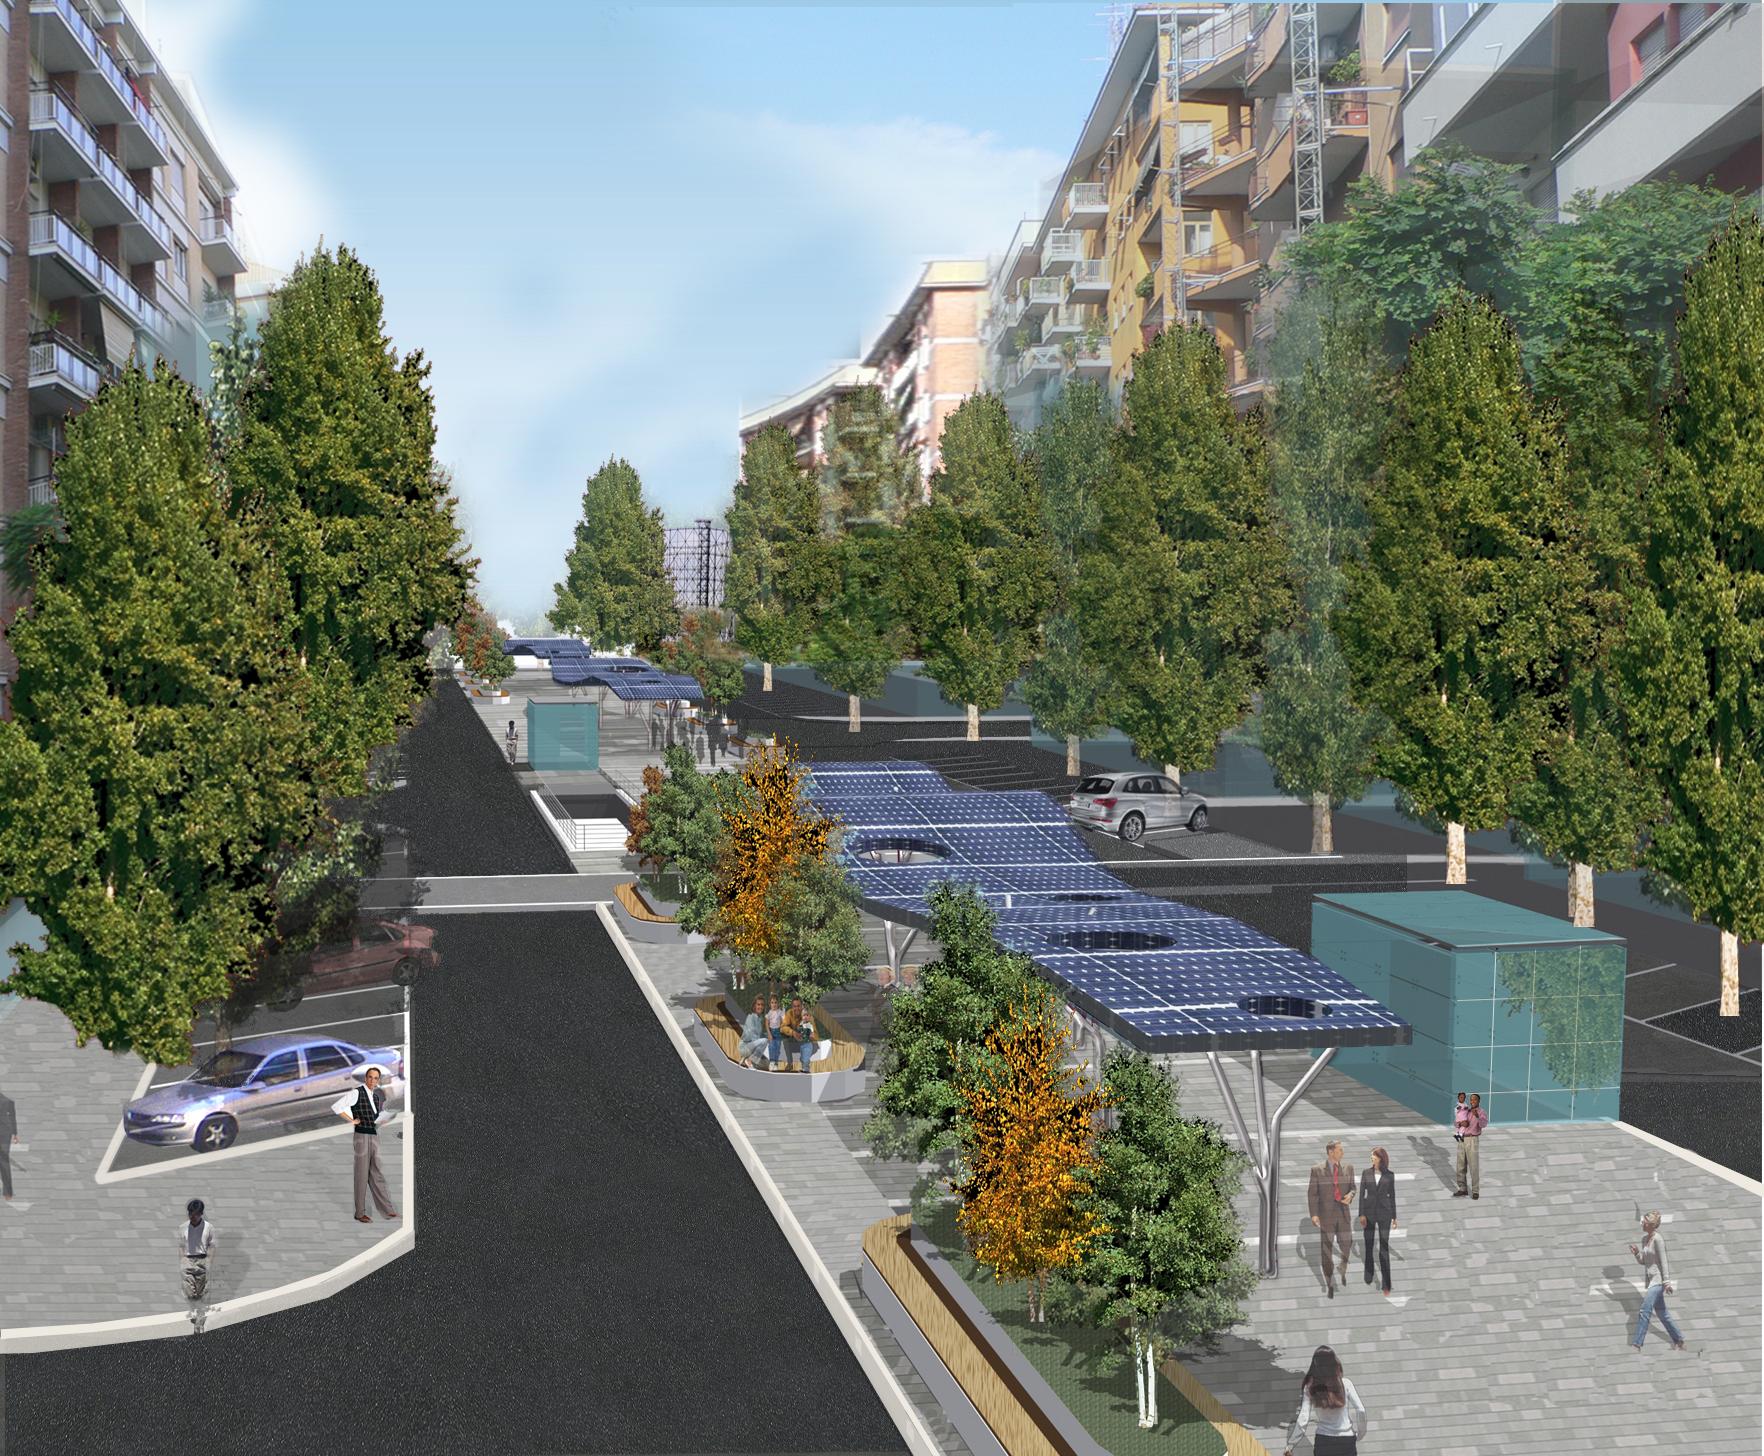 Urbanfile roma via fermi e il parcheggio interrato - Parcheggio interrato ...